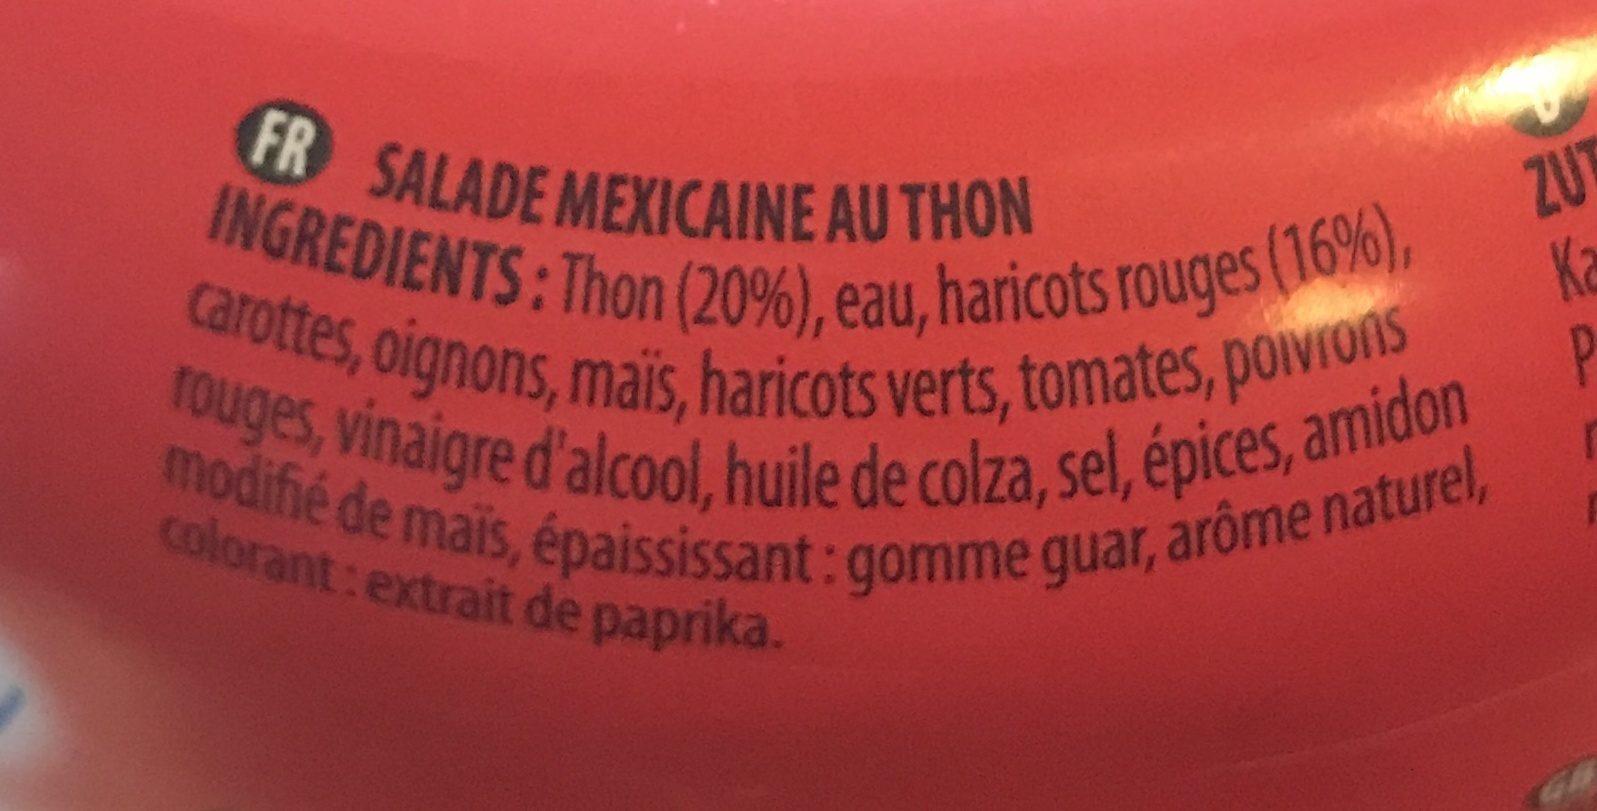 Salade Mexicaine au Thon - Ingrediënten